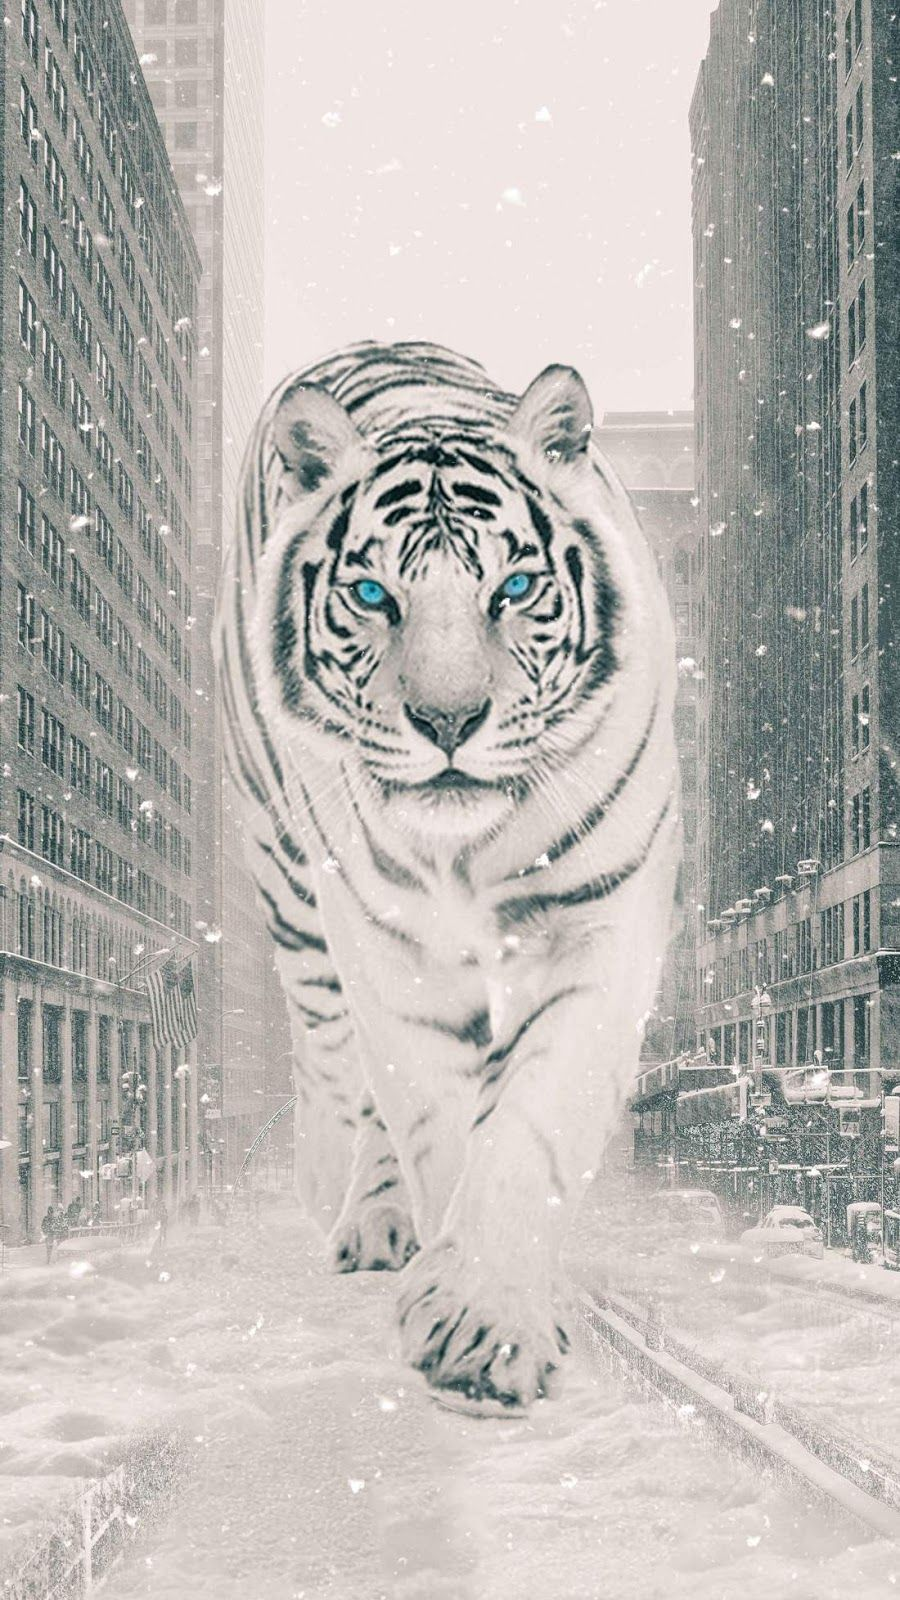 White Tiger Urban Tiger Wallpaper Tiger Wallpaper Iphone White Tiger